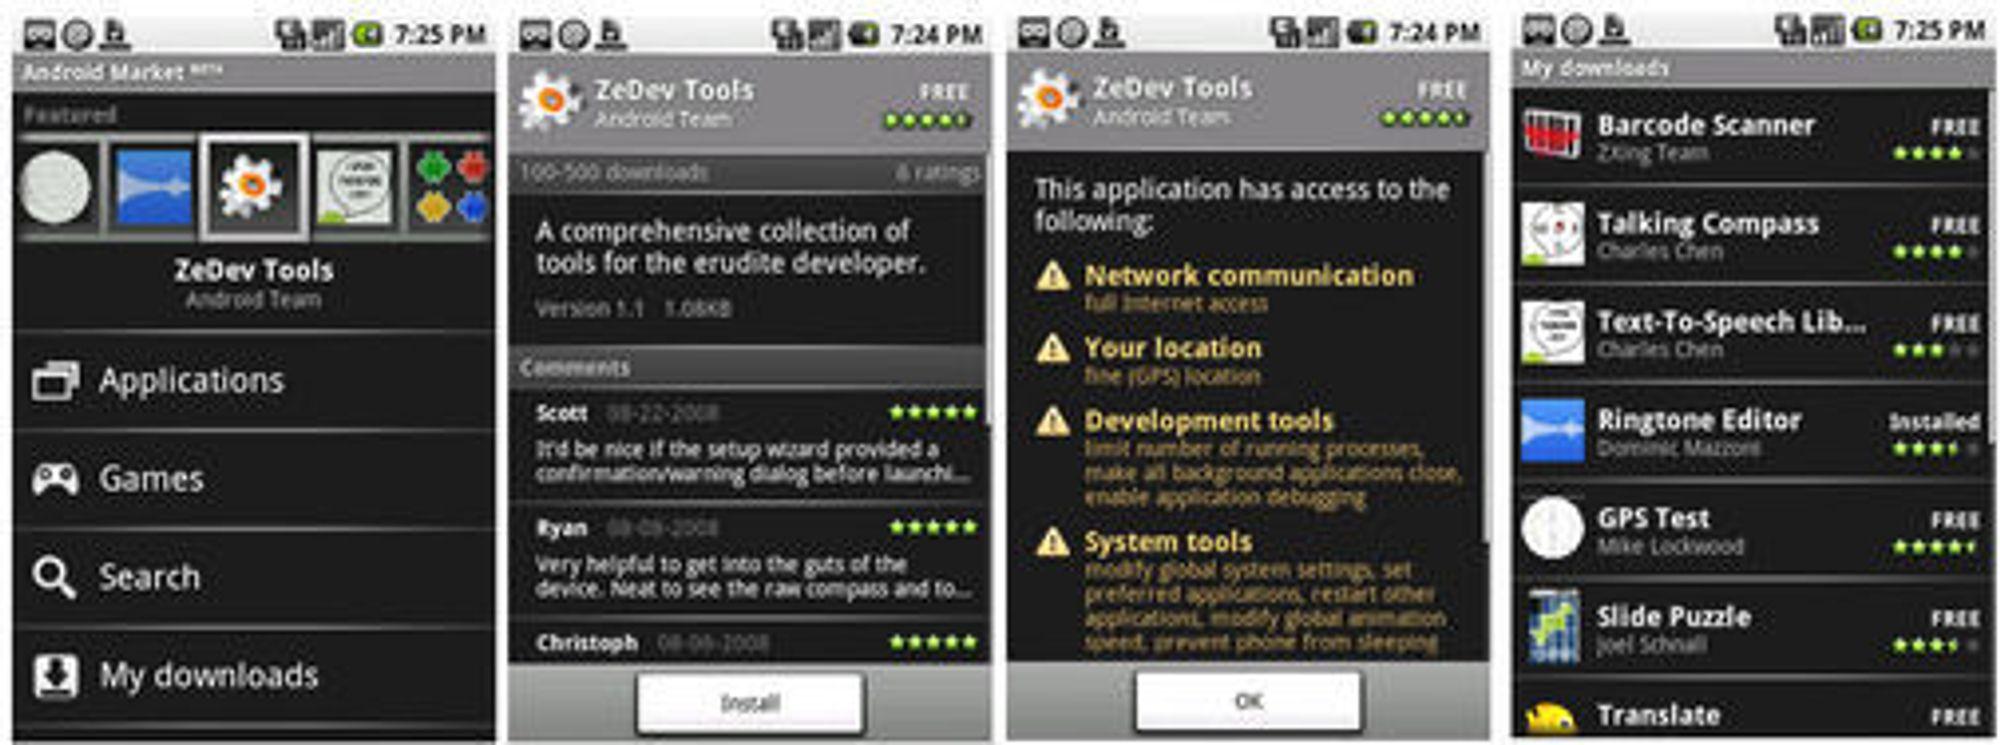 Bilder fra Android Market som beskriver noe av arbeidsflyten og sikkerhetsfunksjonaliteten.